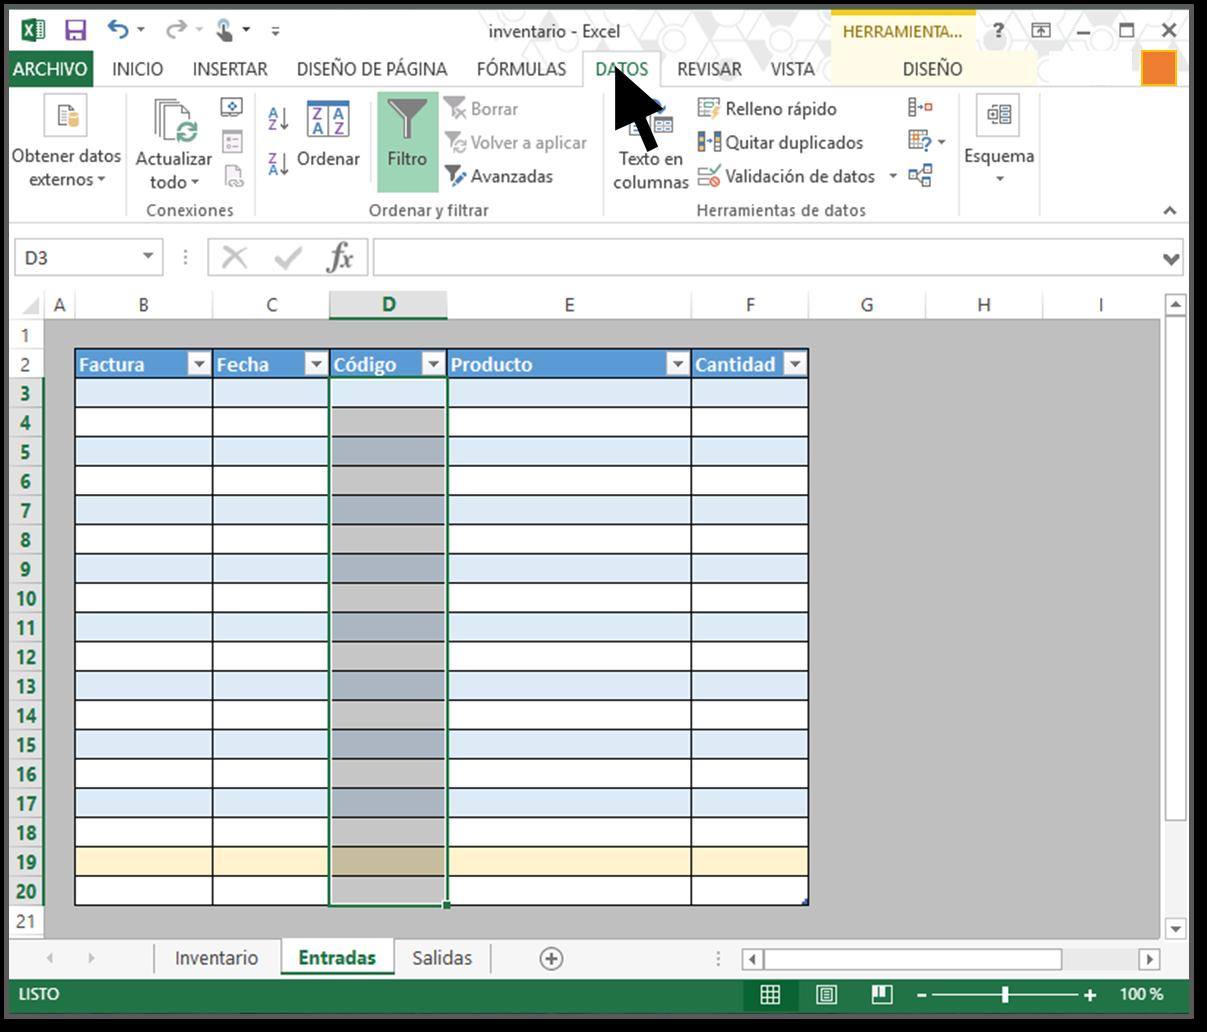 datos cómo hacer inventario excel con paso a paso